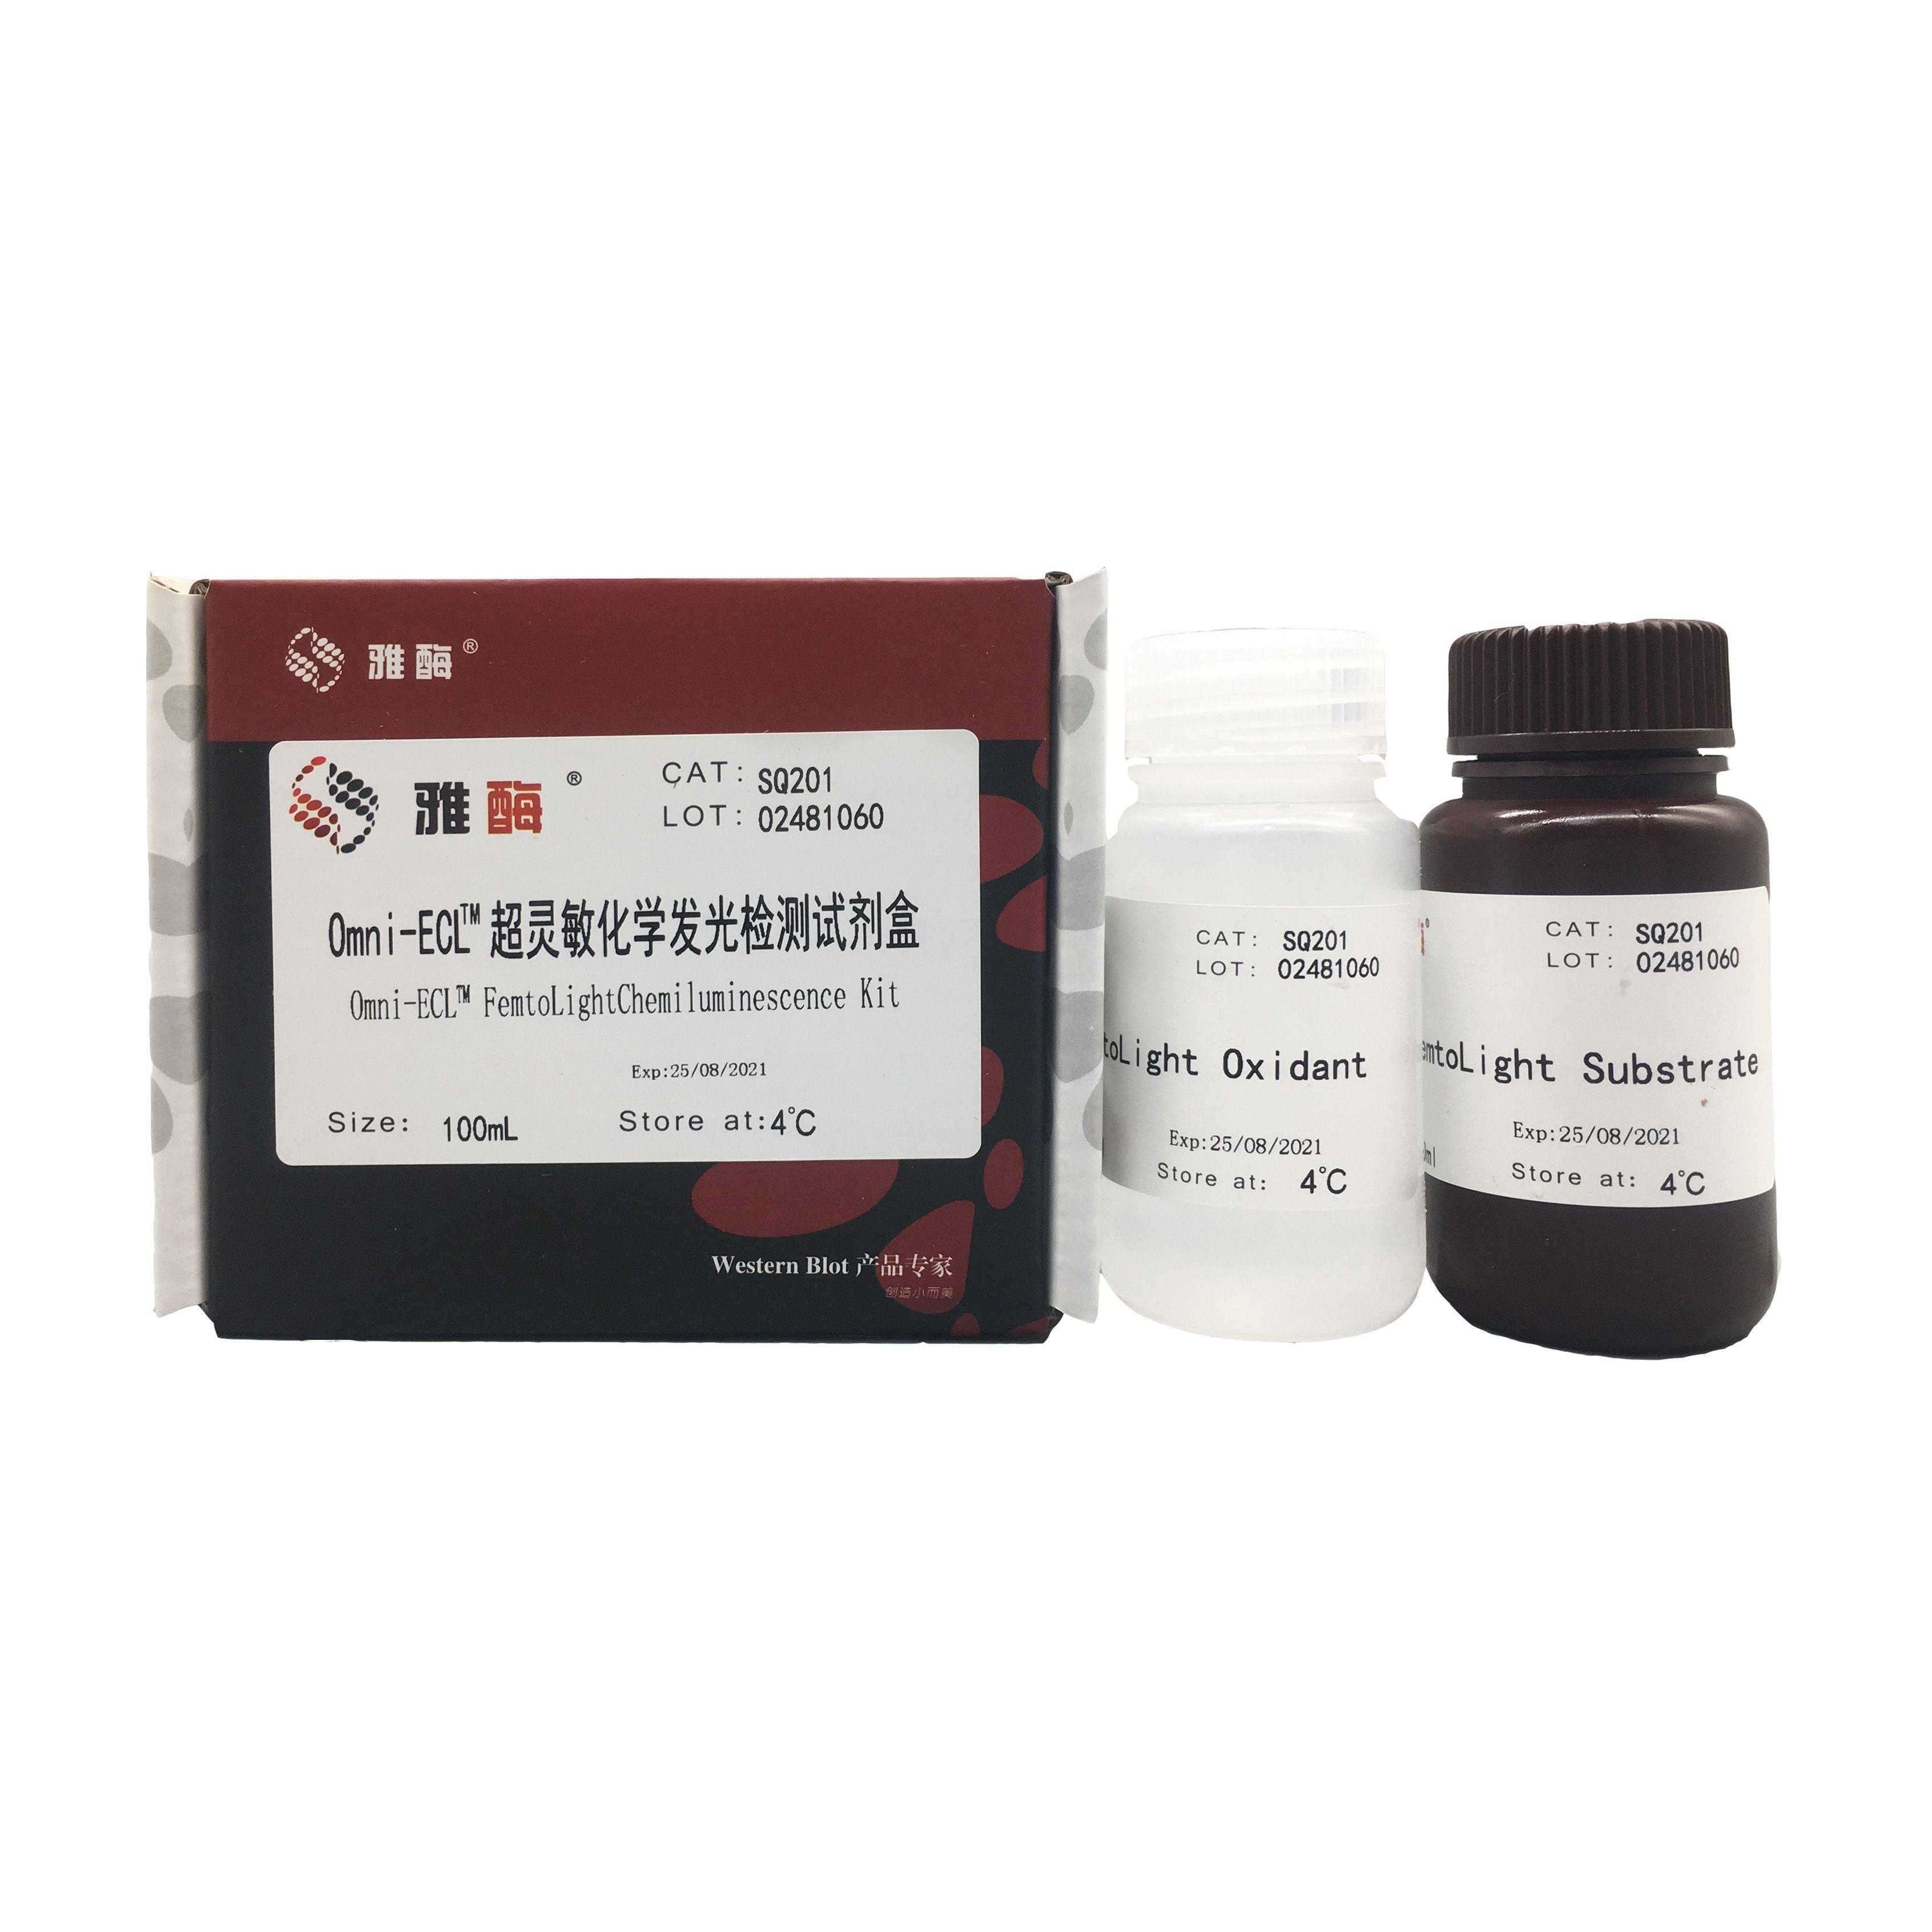 SQ201 Omni-ECL™ 超灵敏化学发光检测试剂盒